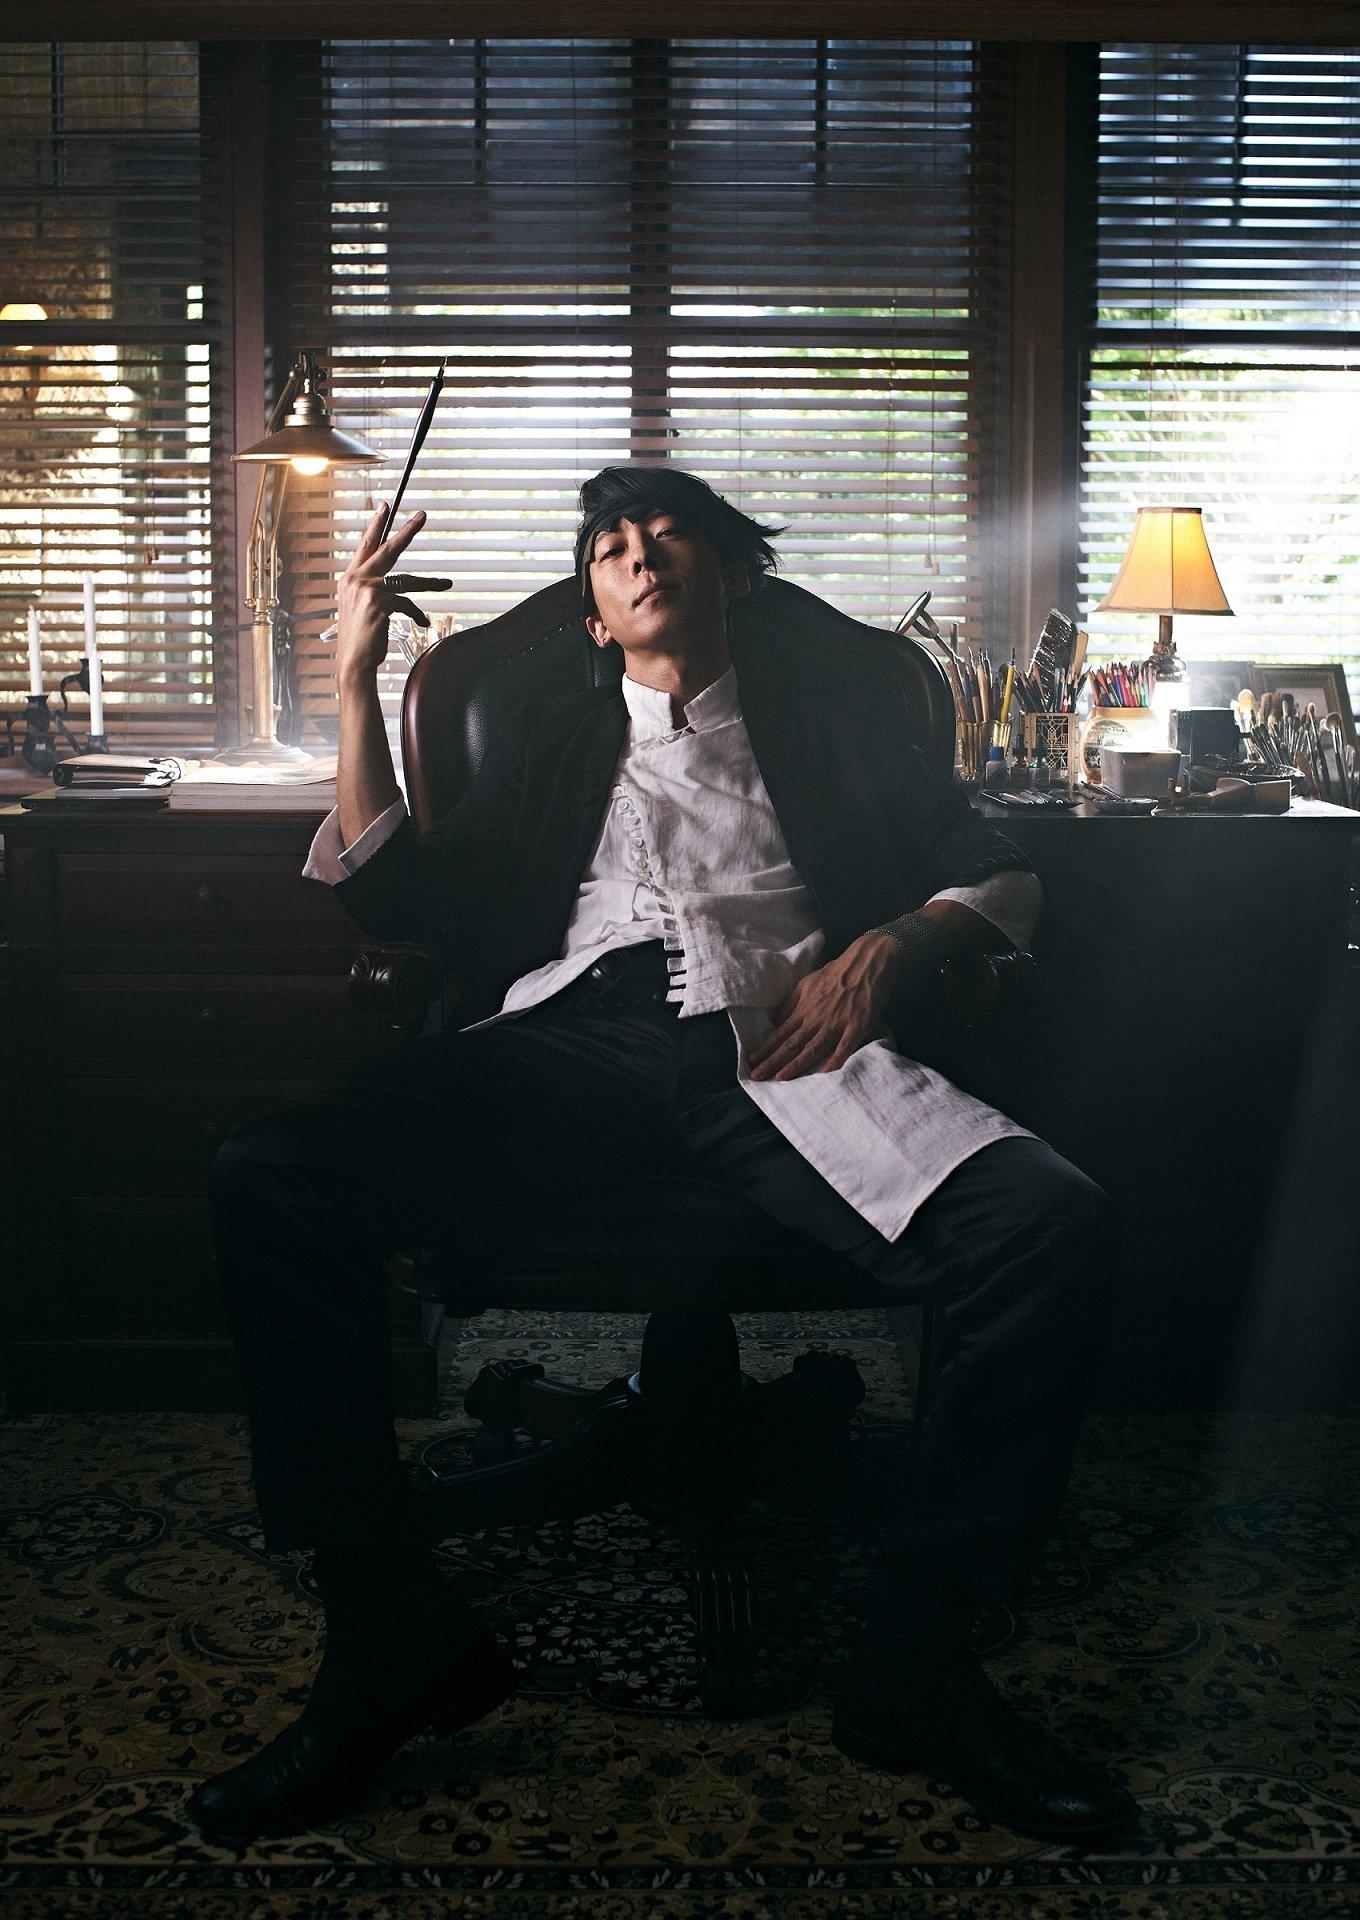 Imagen promocional de Kishibe Rohan wa Ugokanai con el protagonista sentado en un estudio